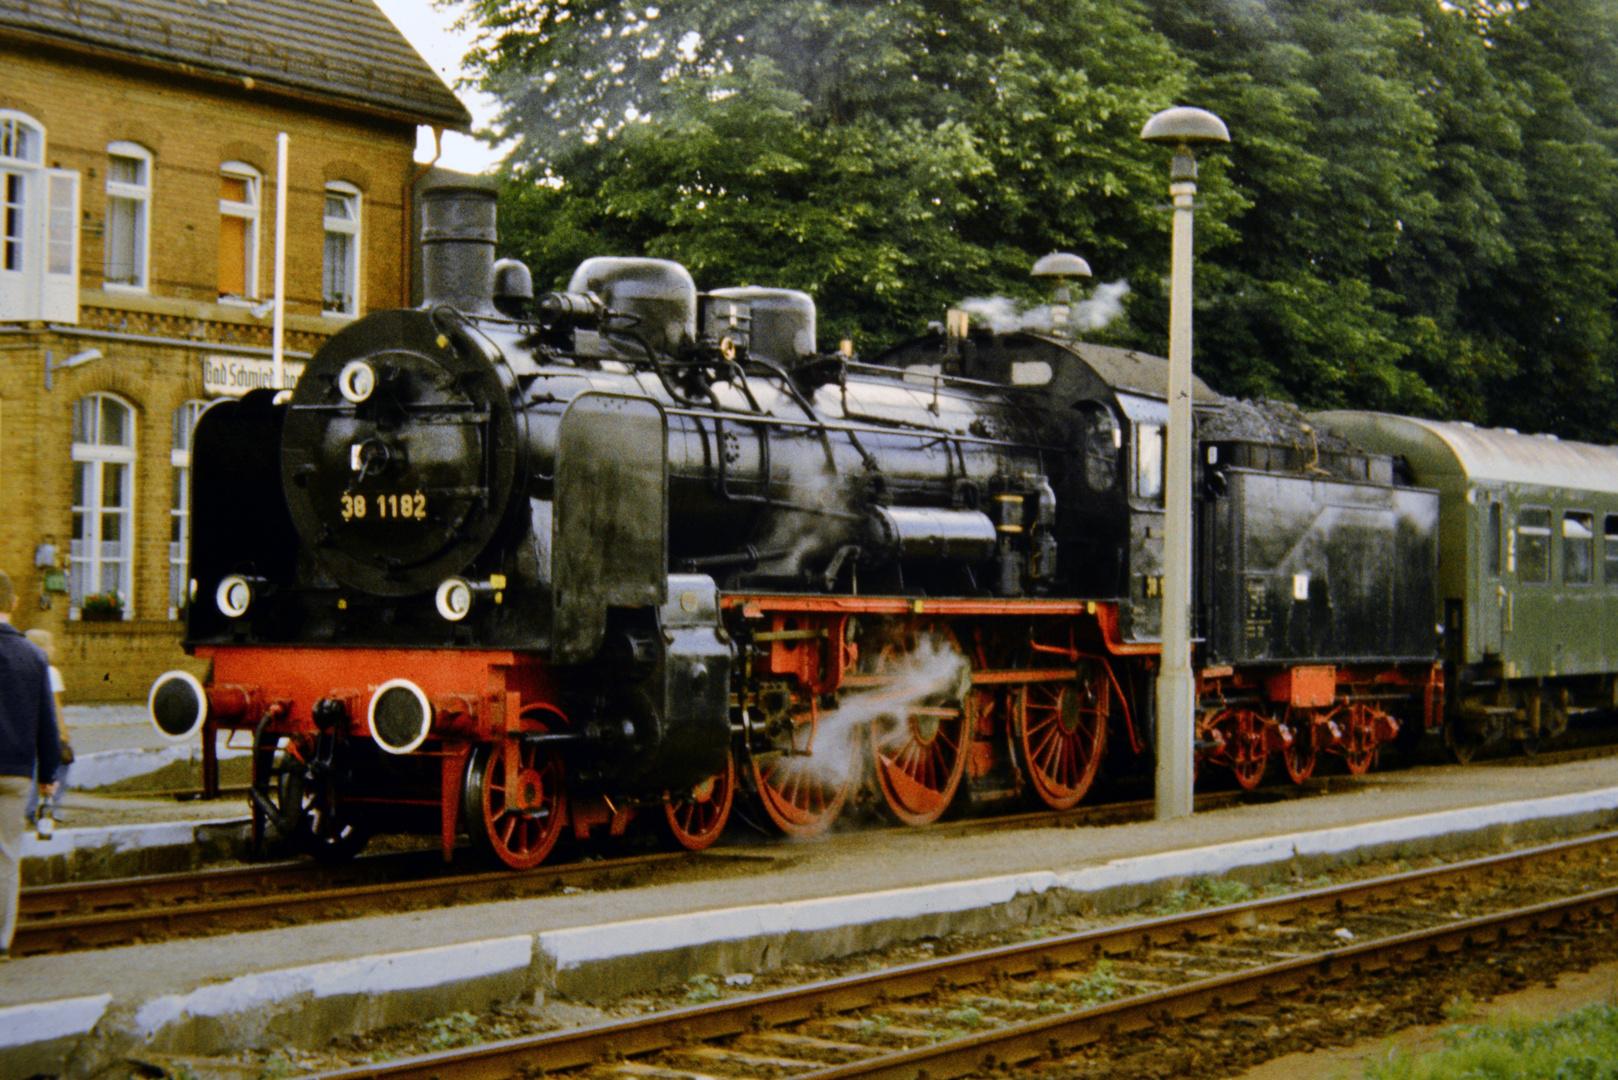 38 1182 in Bad Schmiedeberg